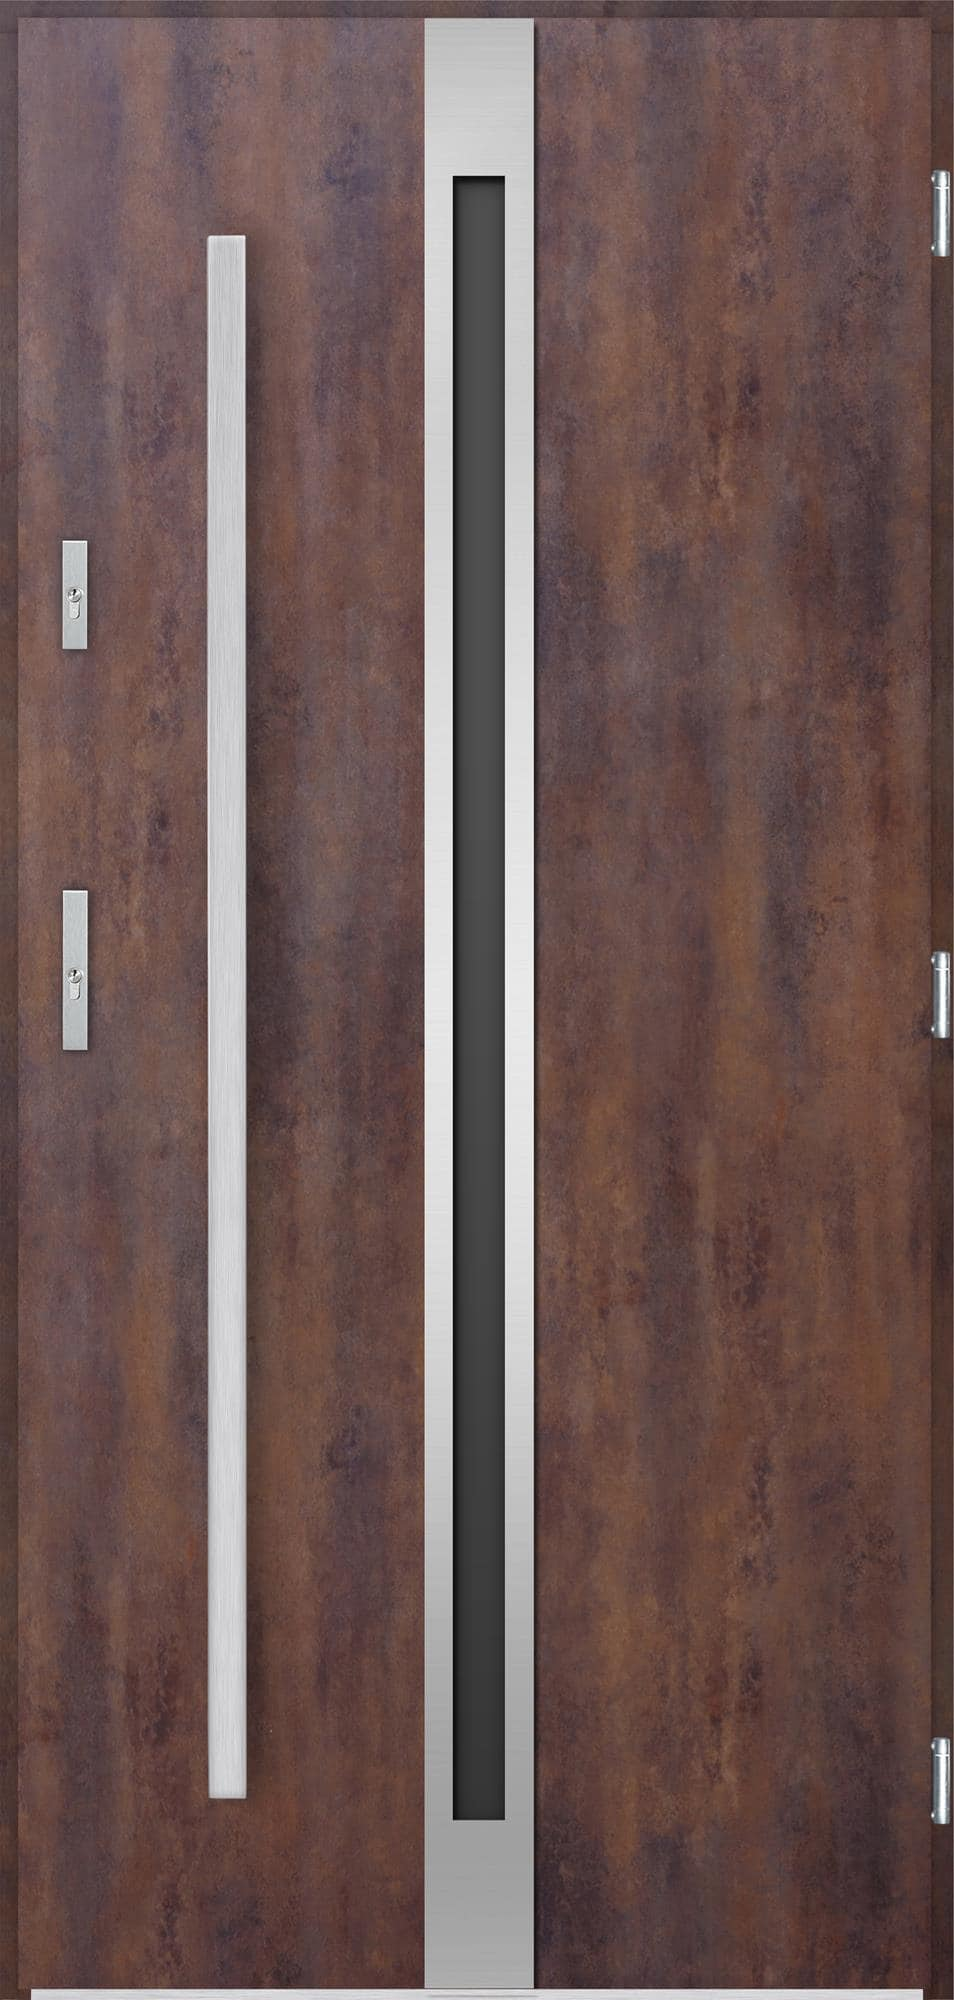 Venkovní vchodové dveøe Linea, rez